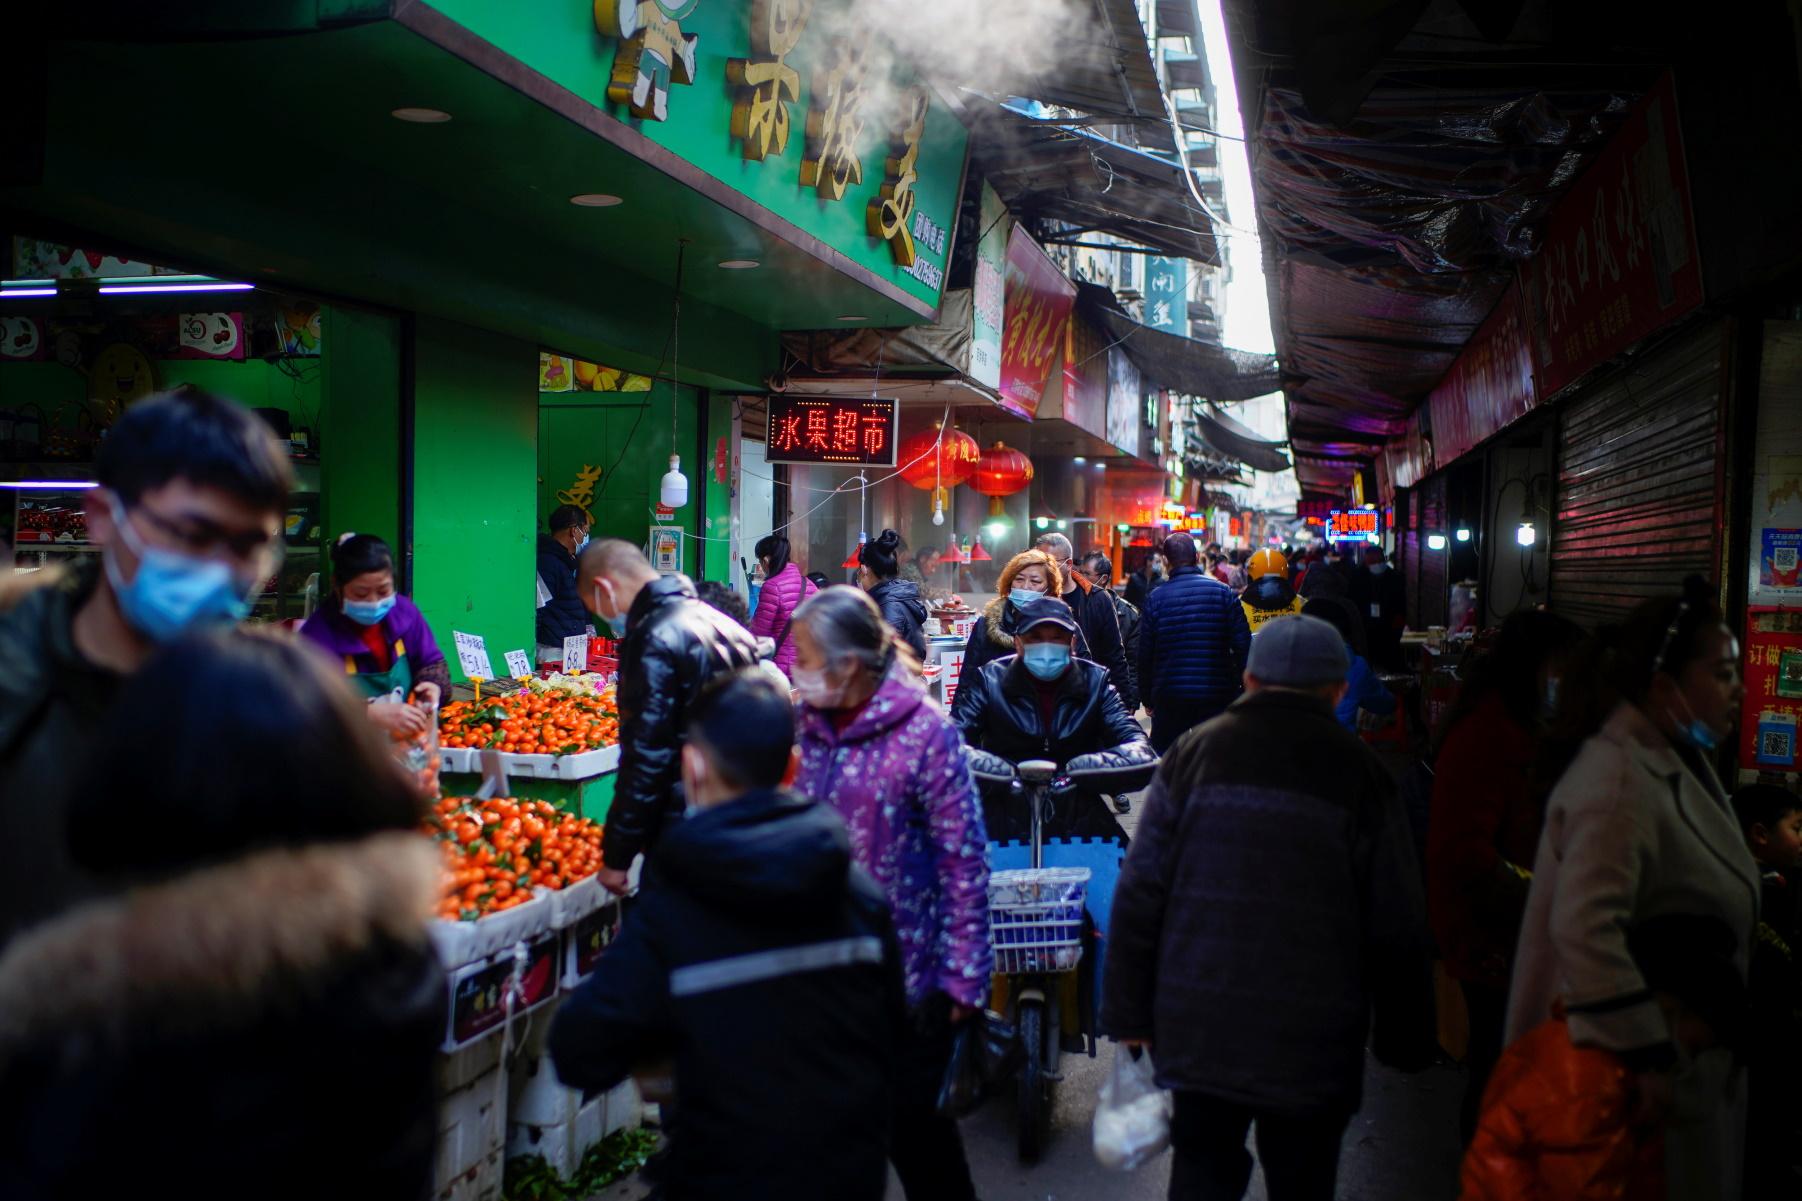 Κορονοϊός – Κίνα: Νέα κρούσματα και μίνι lockdown στην πόλη Χαρμπίν